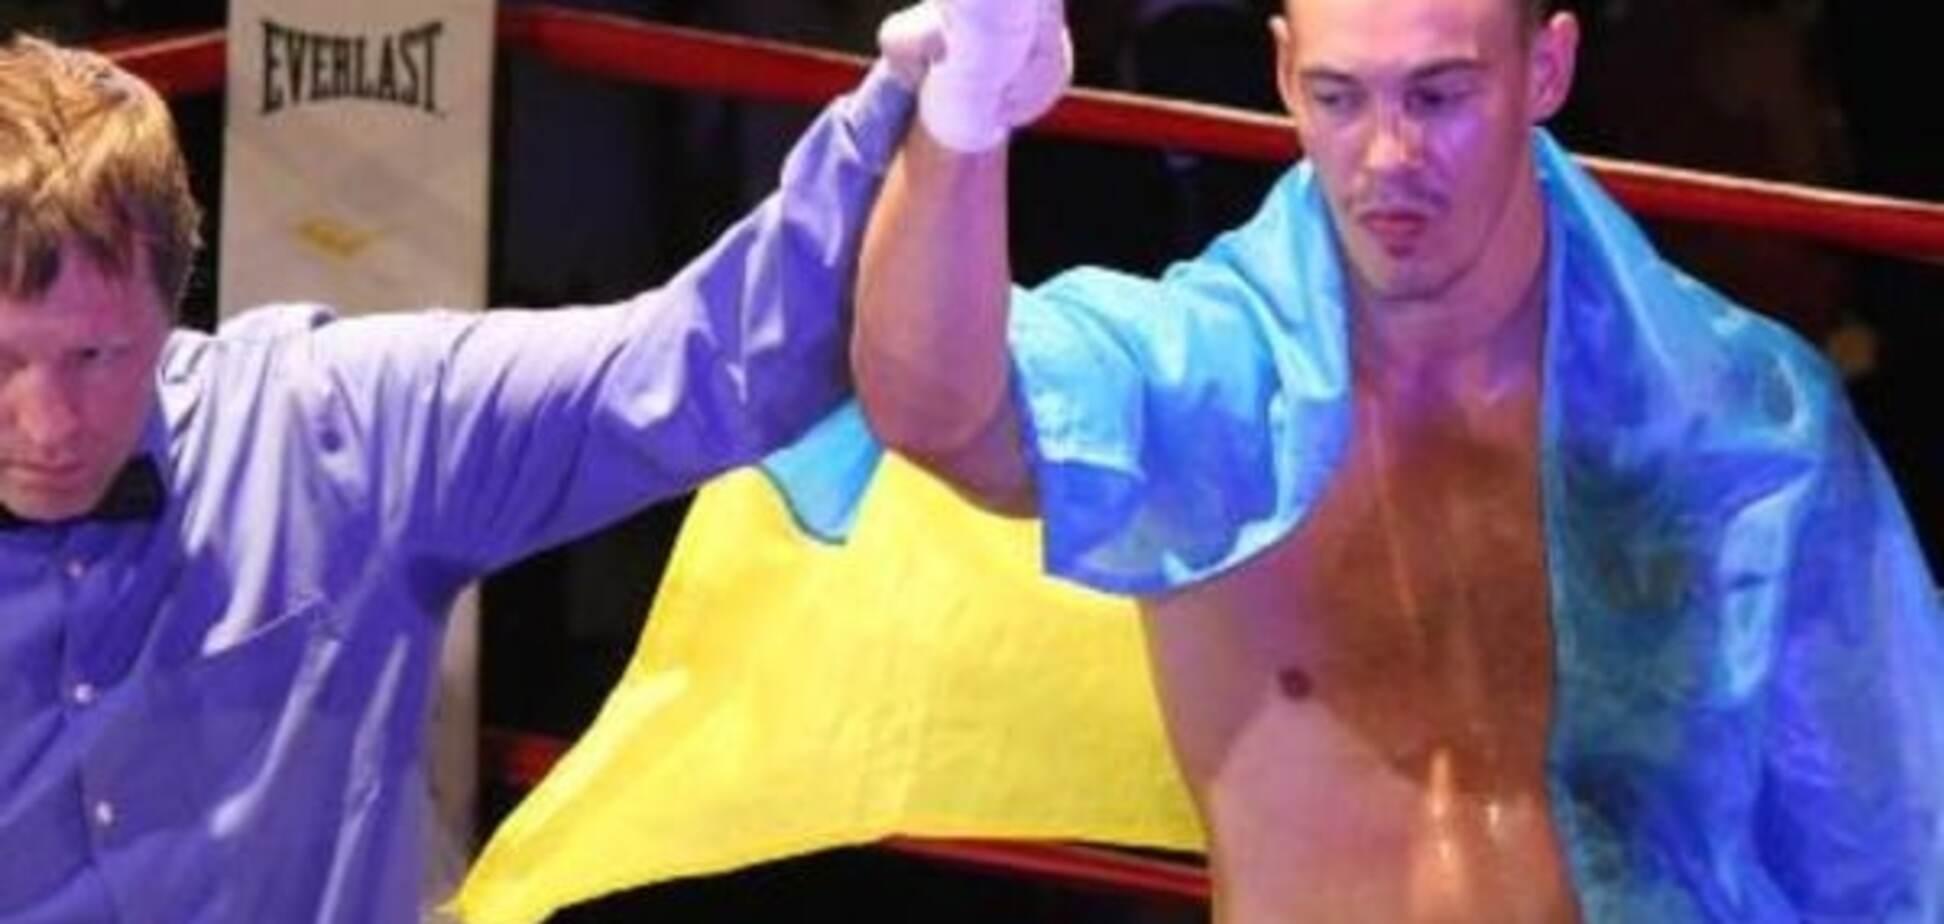 Перспективный украинский боксер добыл феерическую победу над известным мексиканцем